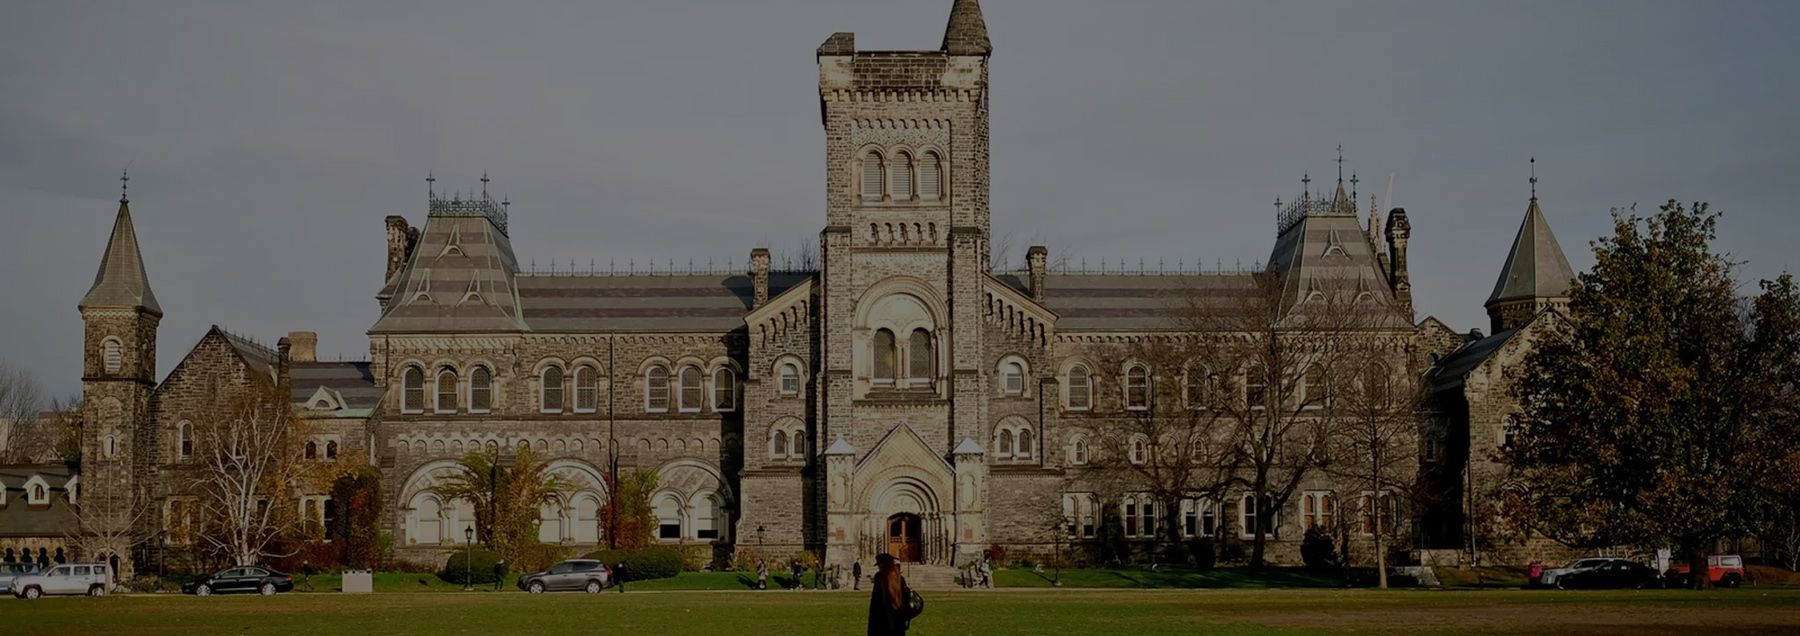 День открытых дверей: образование в Канаде. Фото - 3